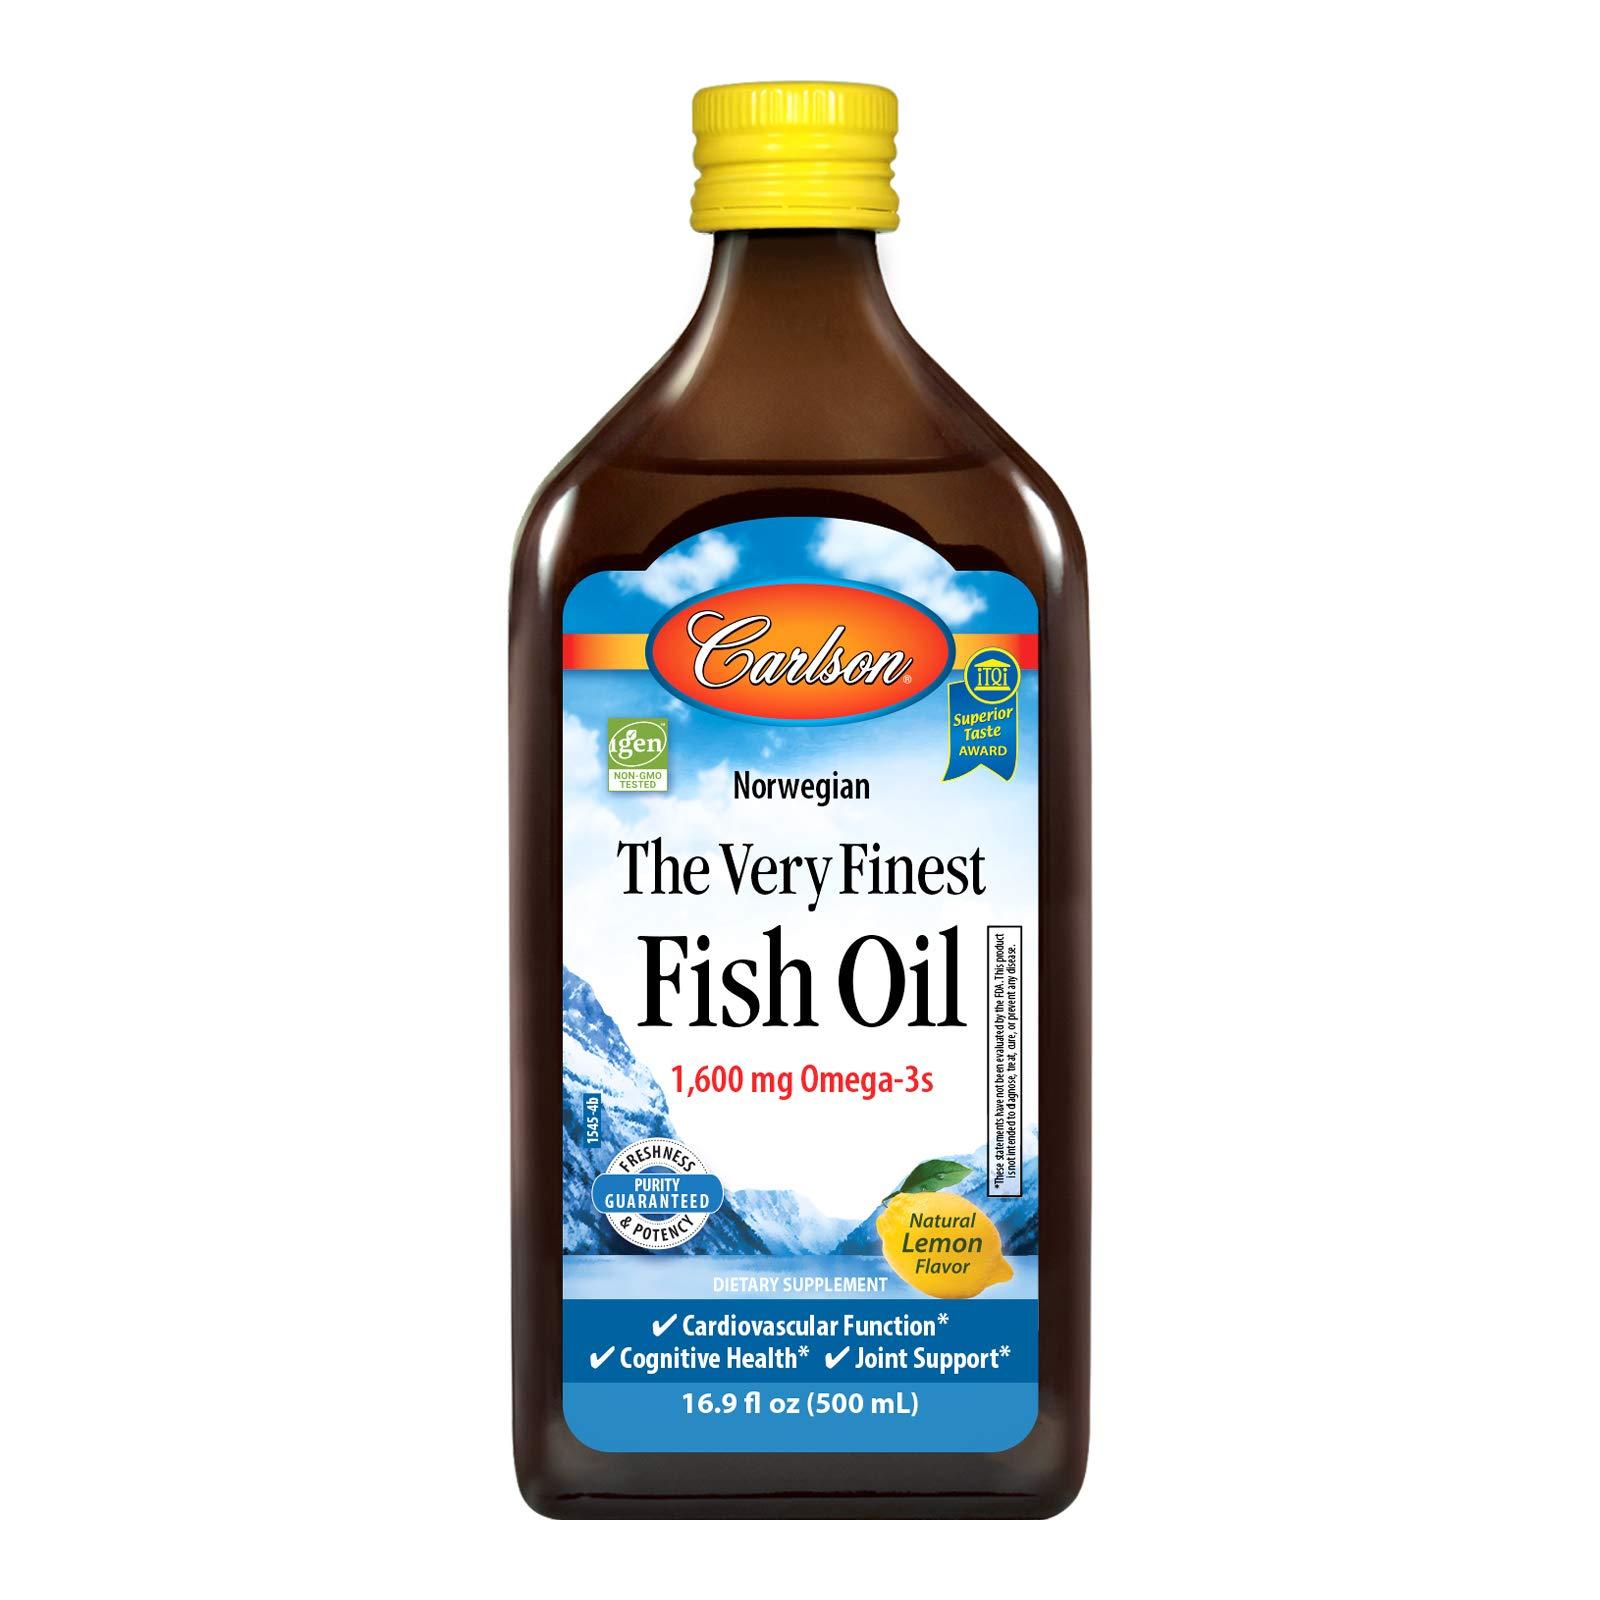 Carlson-Fish Oil Lemon 16.9fl o